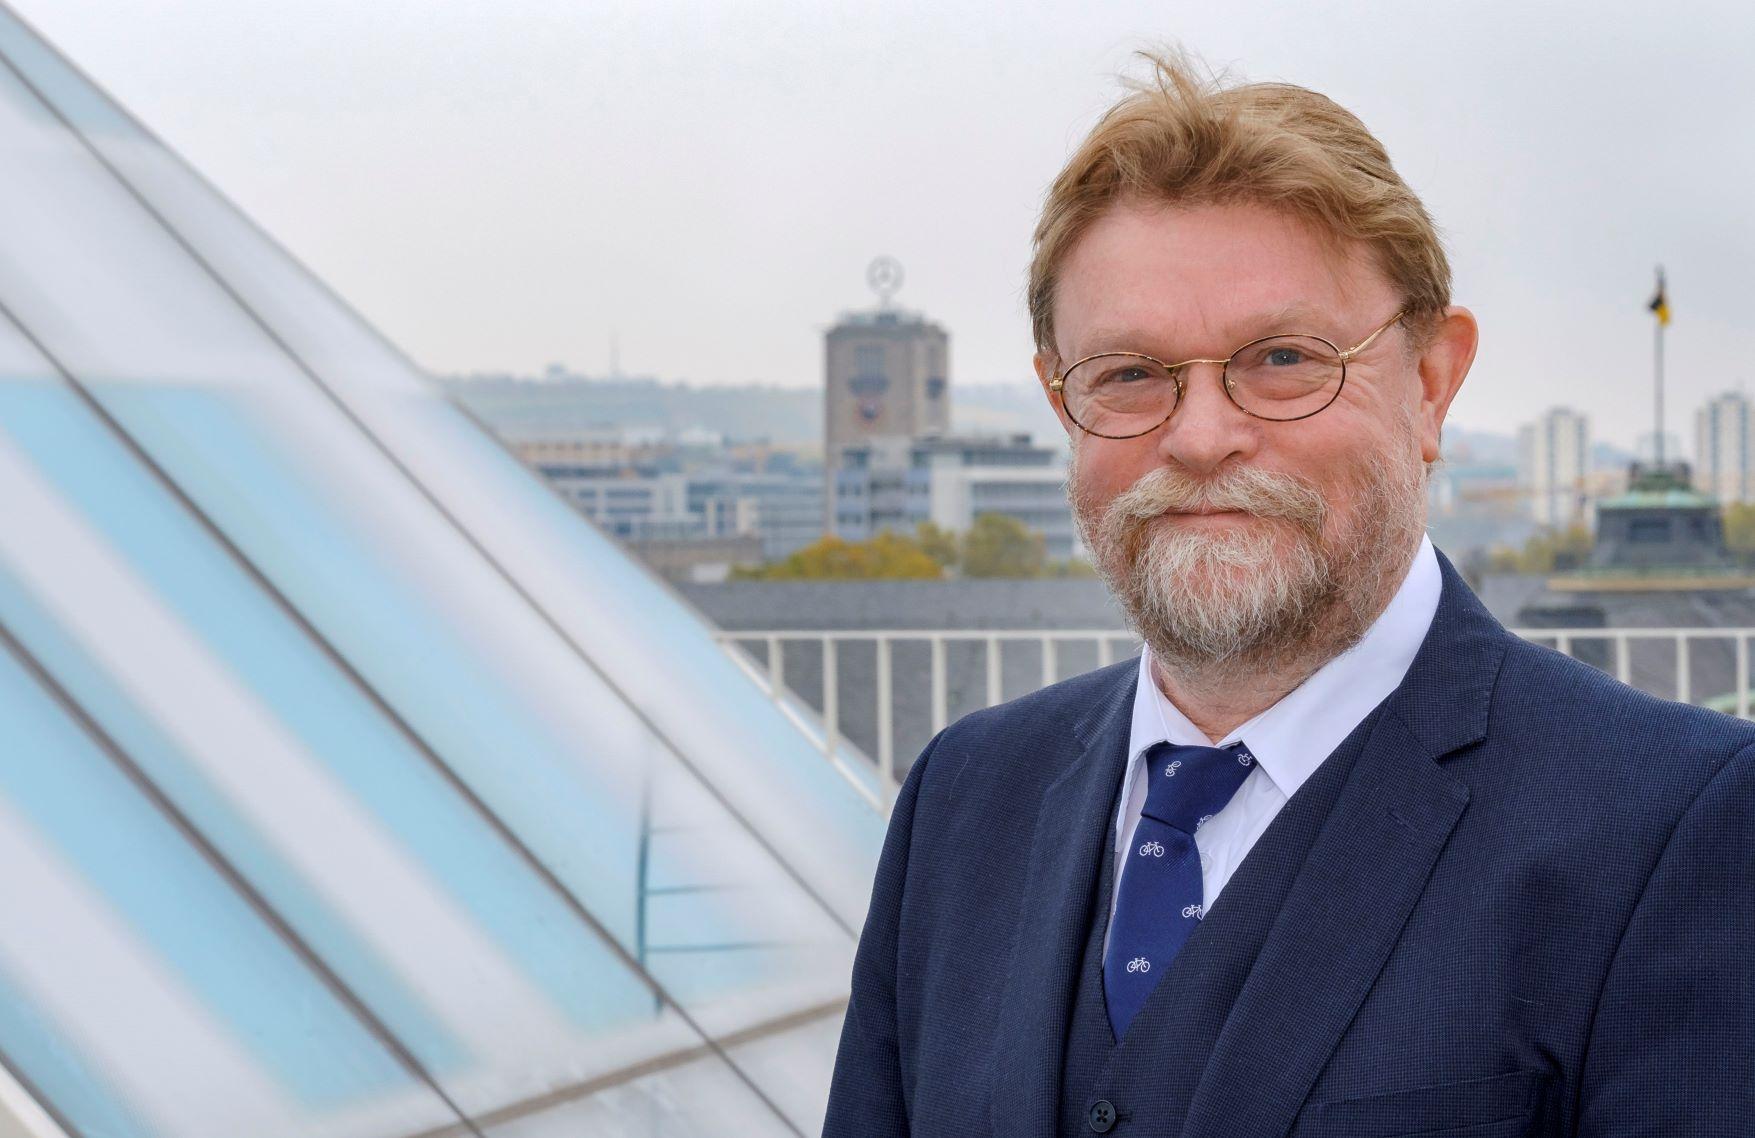 Dr. Uwe Lahl